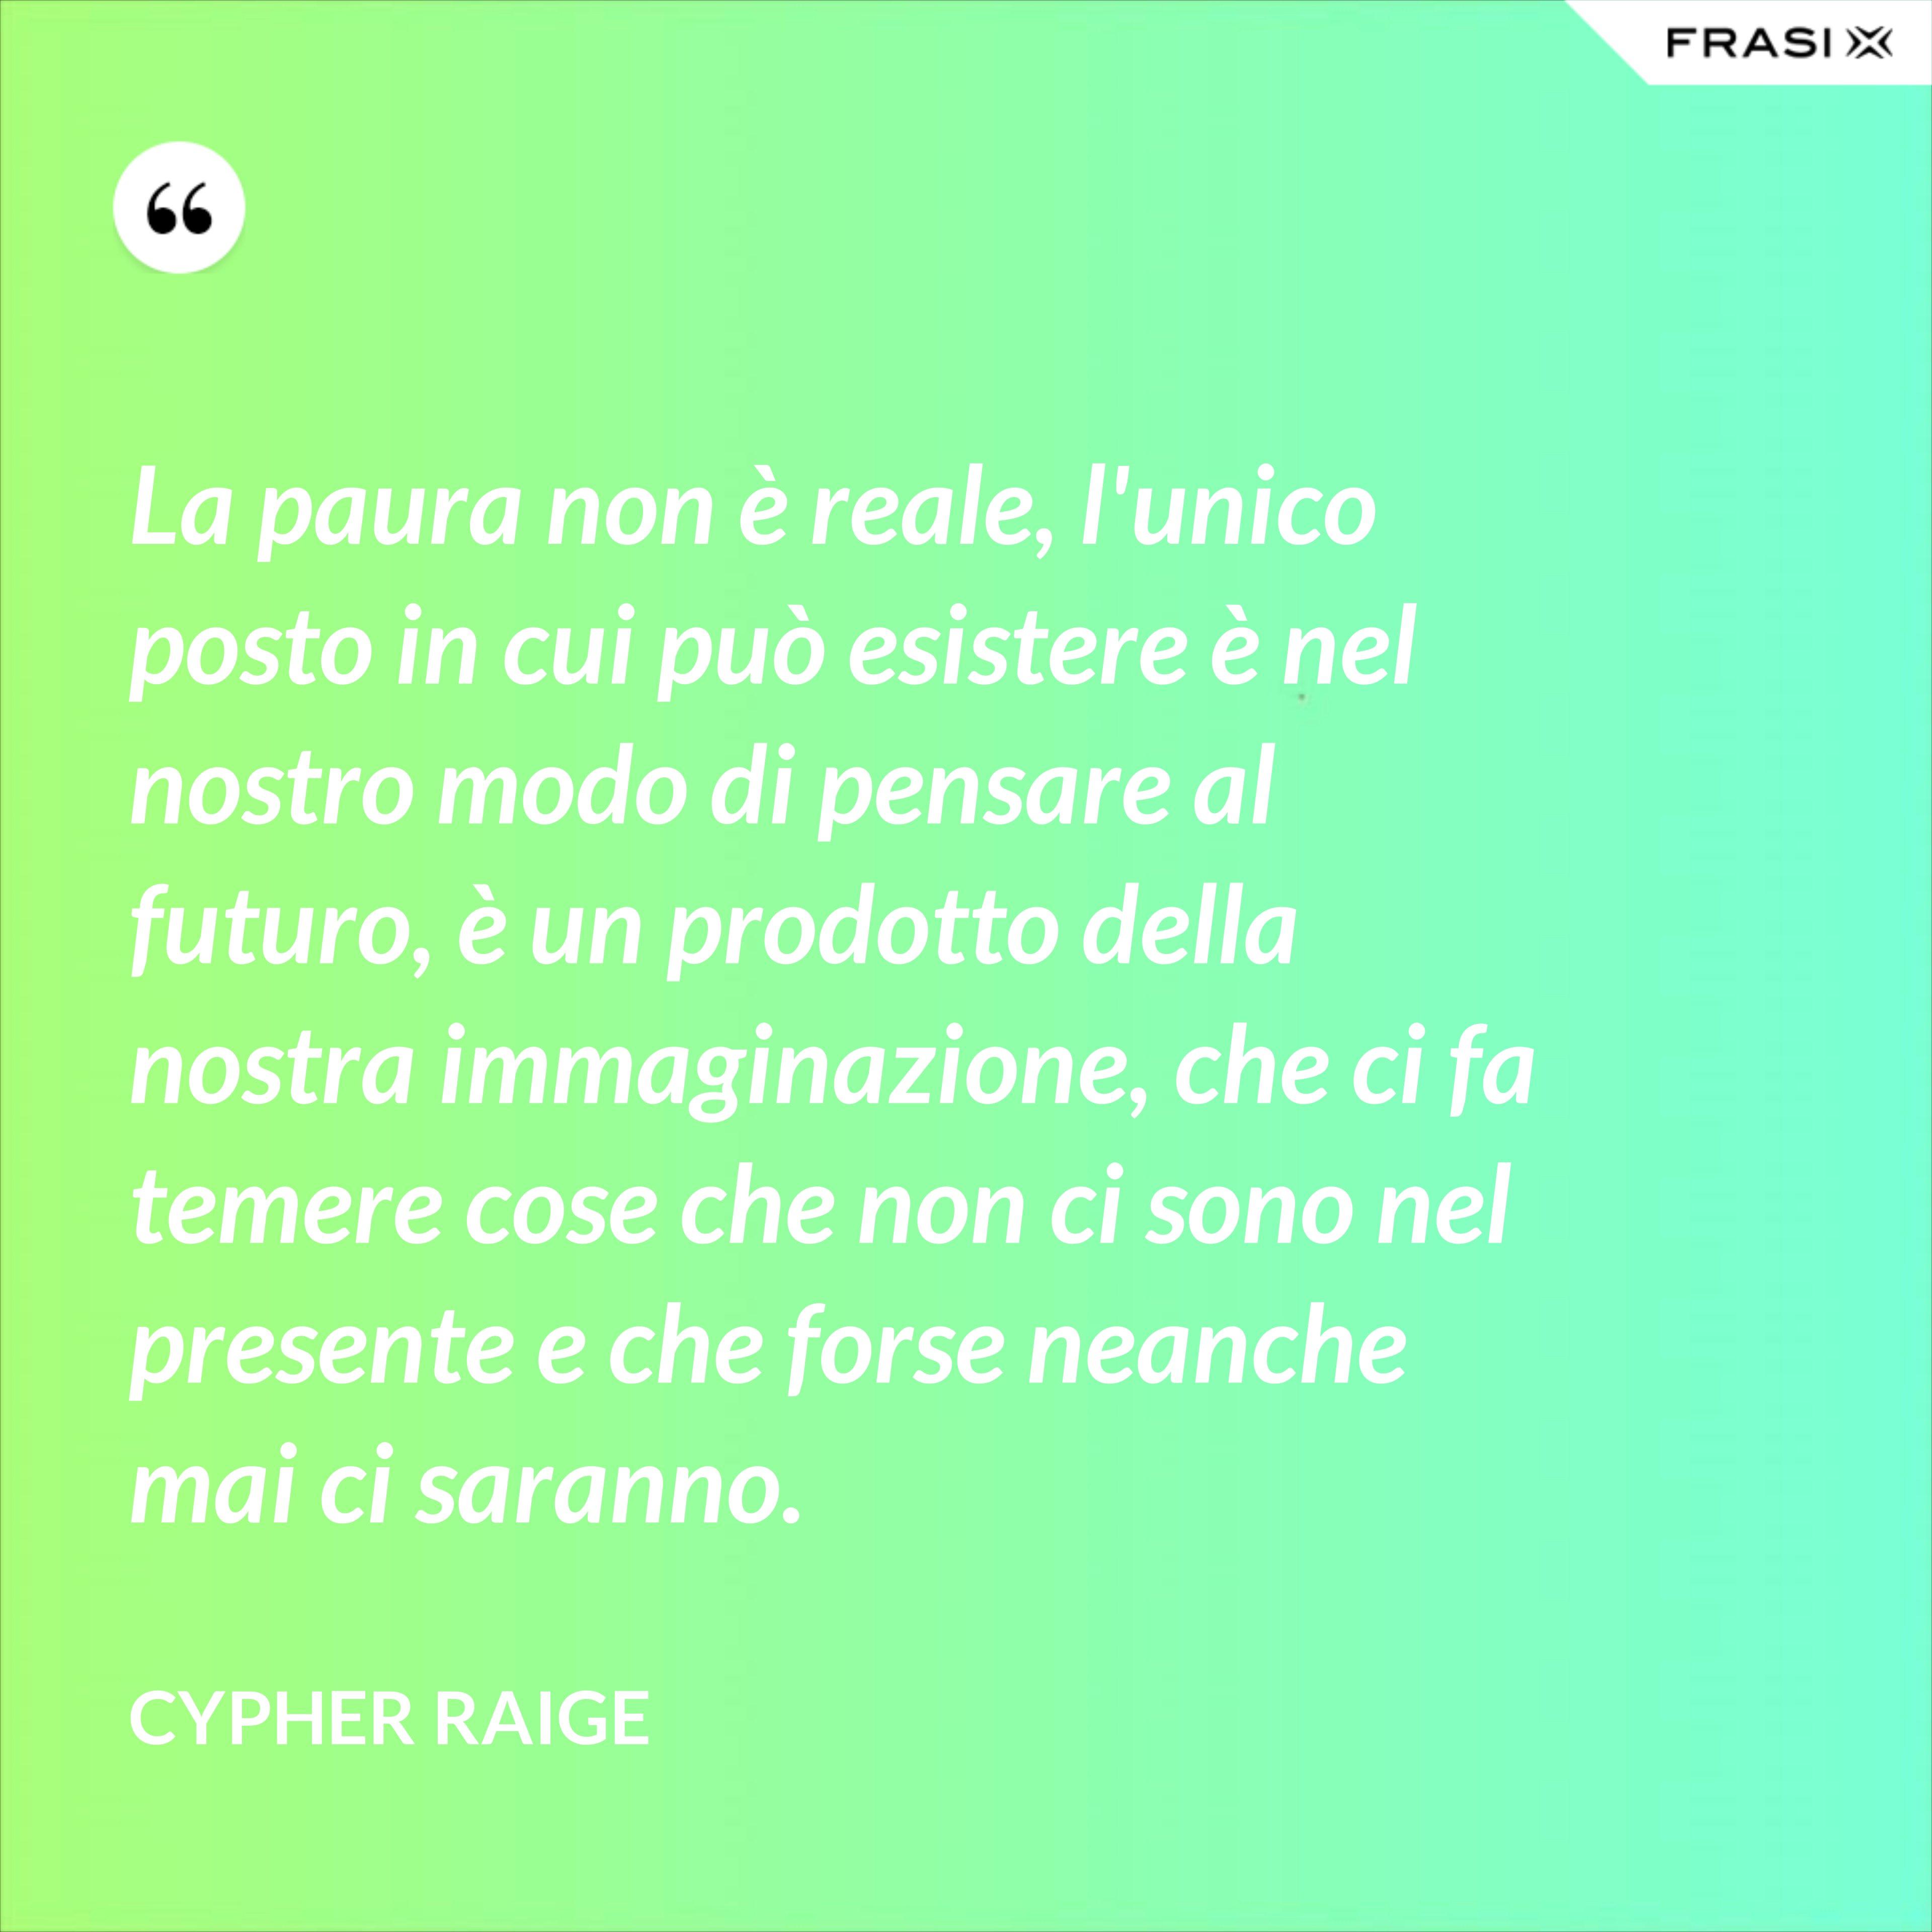 La paura non è reale, l'unico posto in cui può esistere è nel nostro modo di pensare al futuro, è un prodotto della nostra immaginazione, che ci fa temere cose che non ci sono nel presente e che forse neanche mai ci saranno. - Cypher Raige